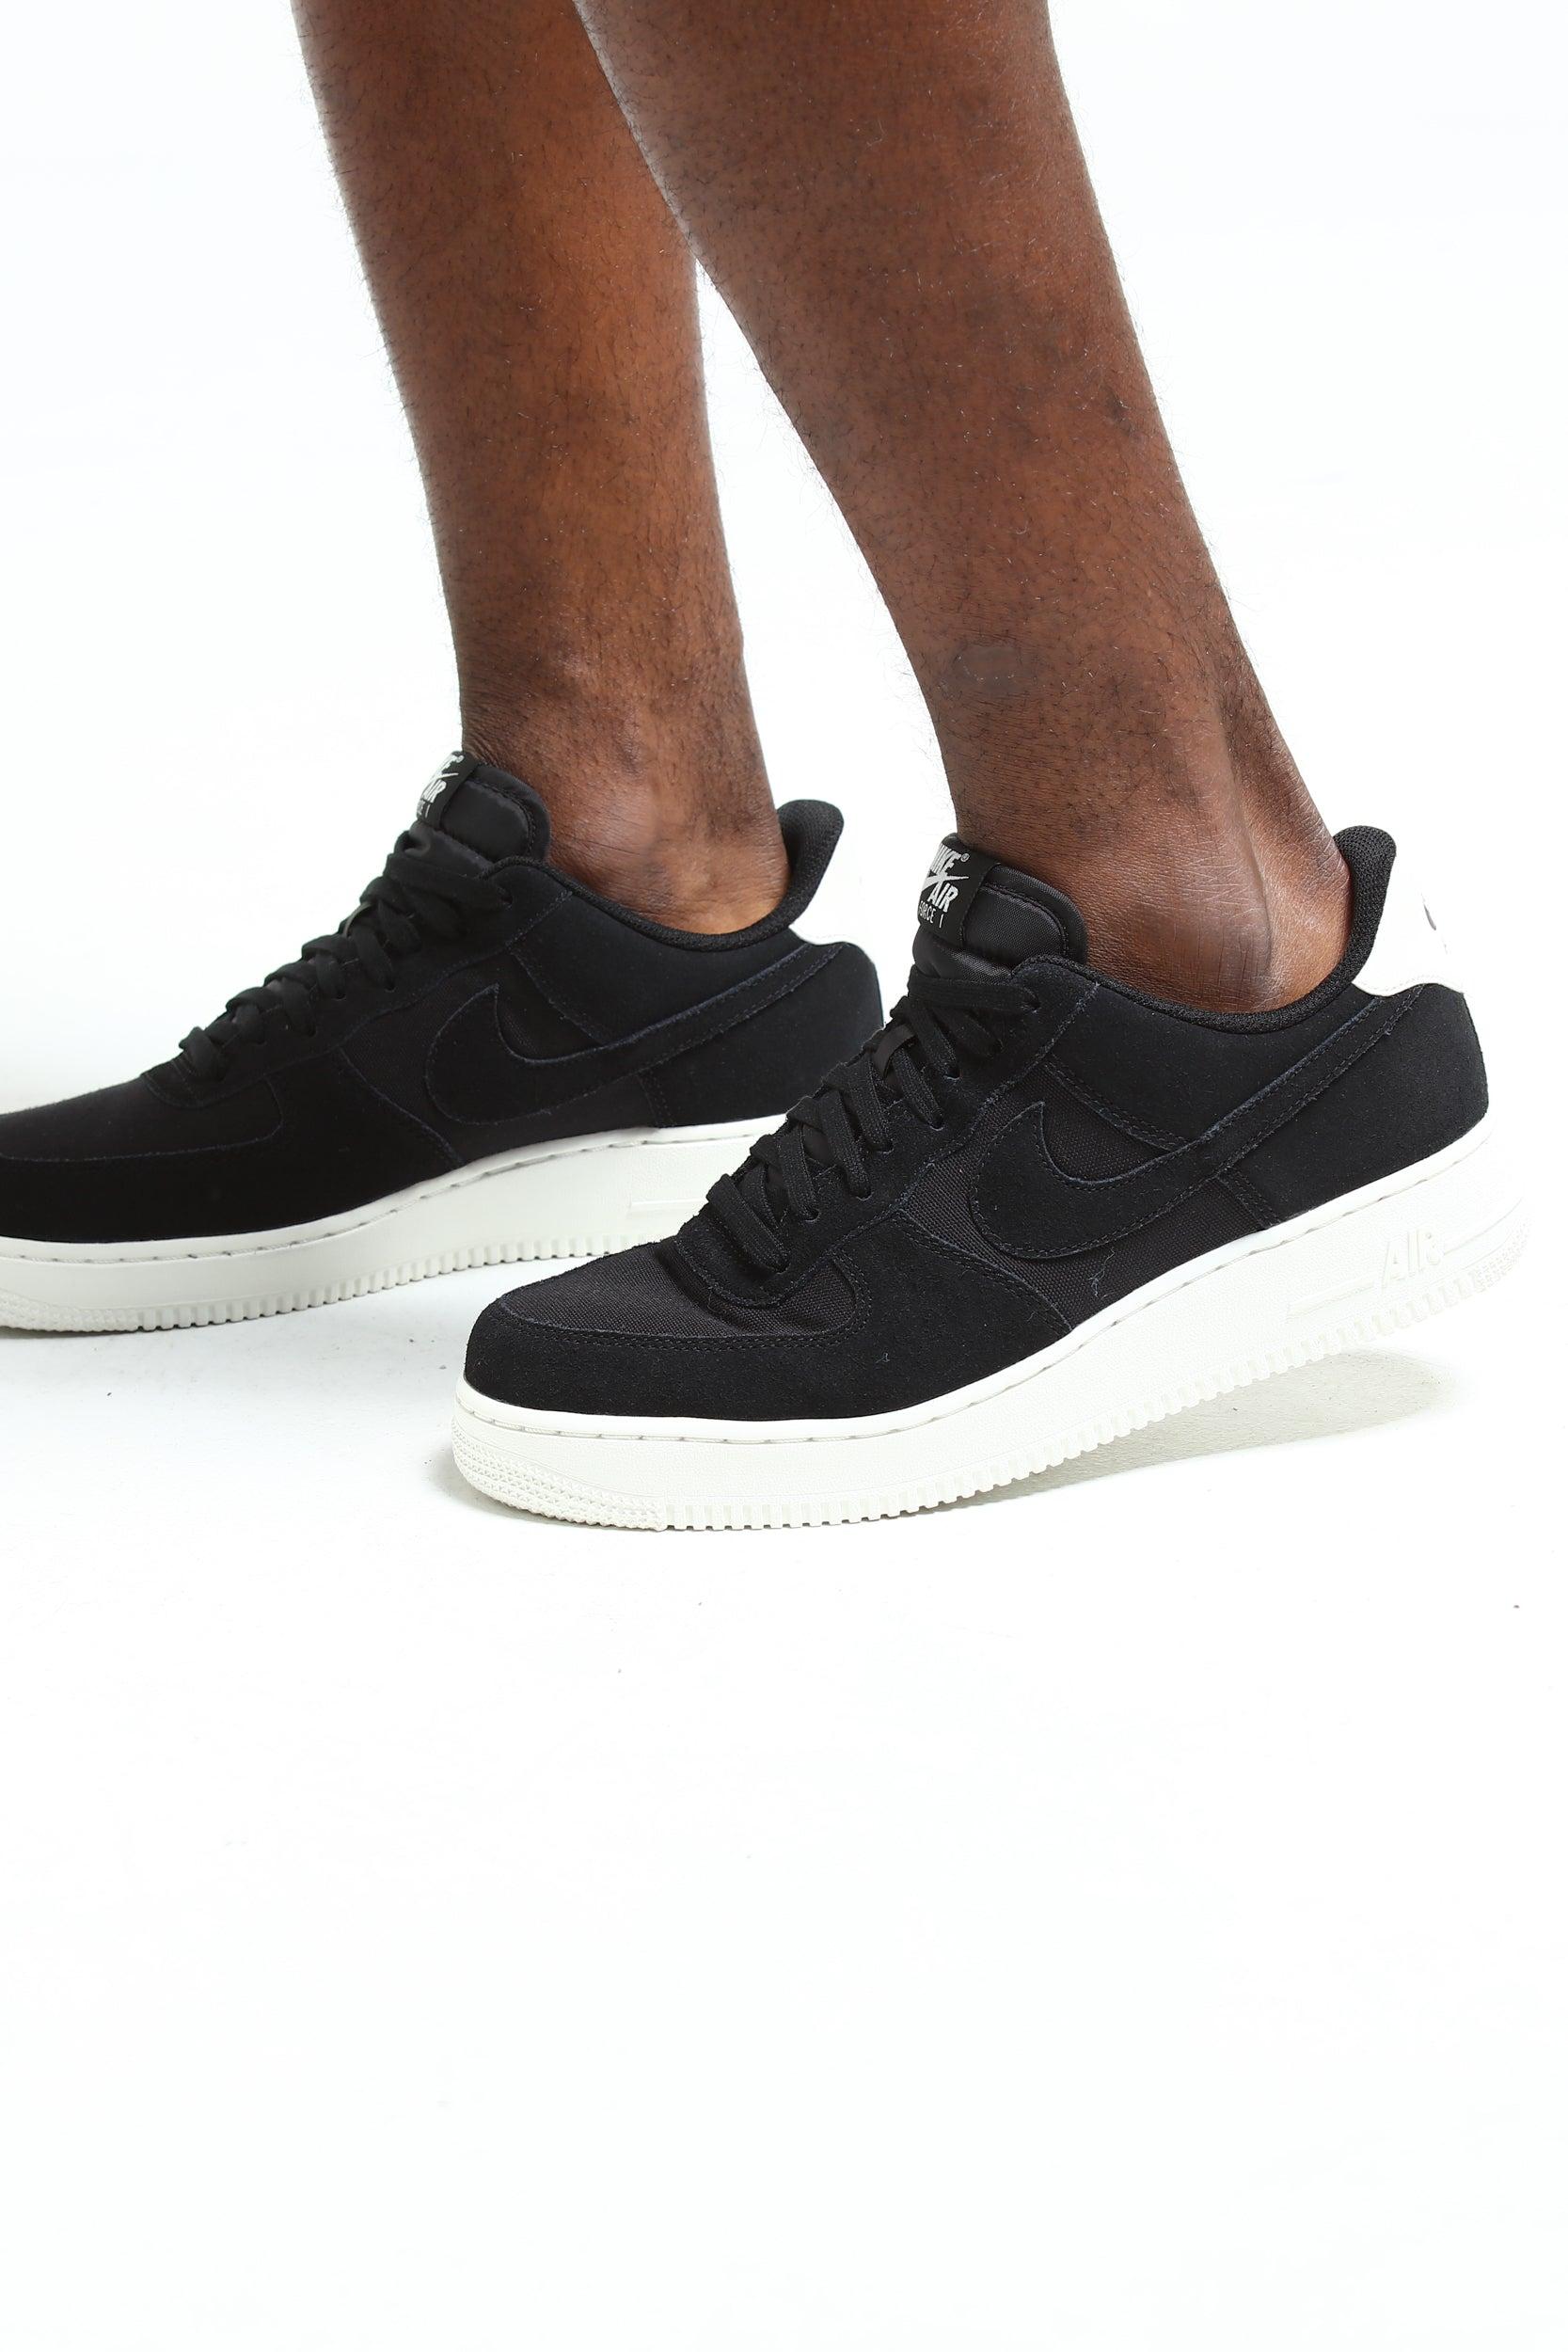 Nike Air Force 1 '07 Suede BlackCream